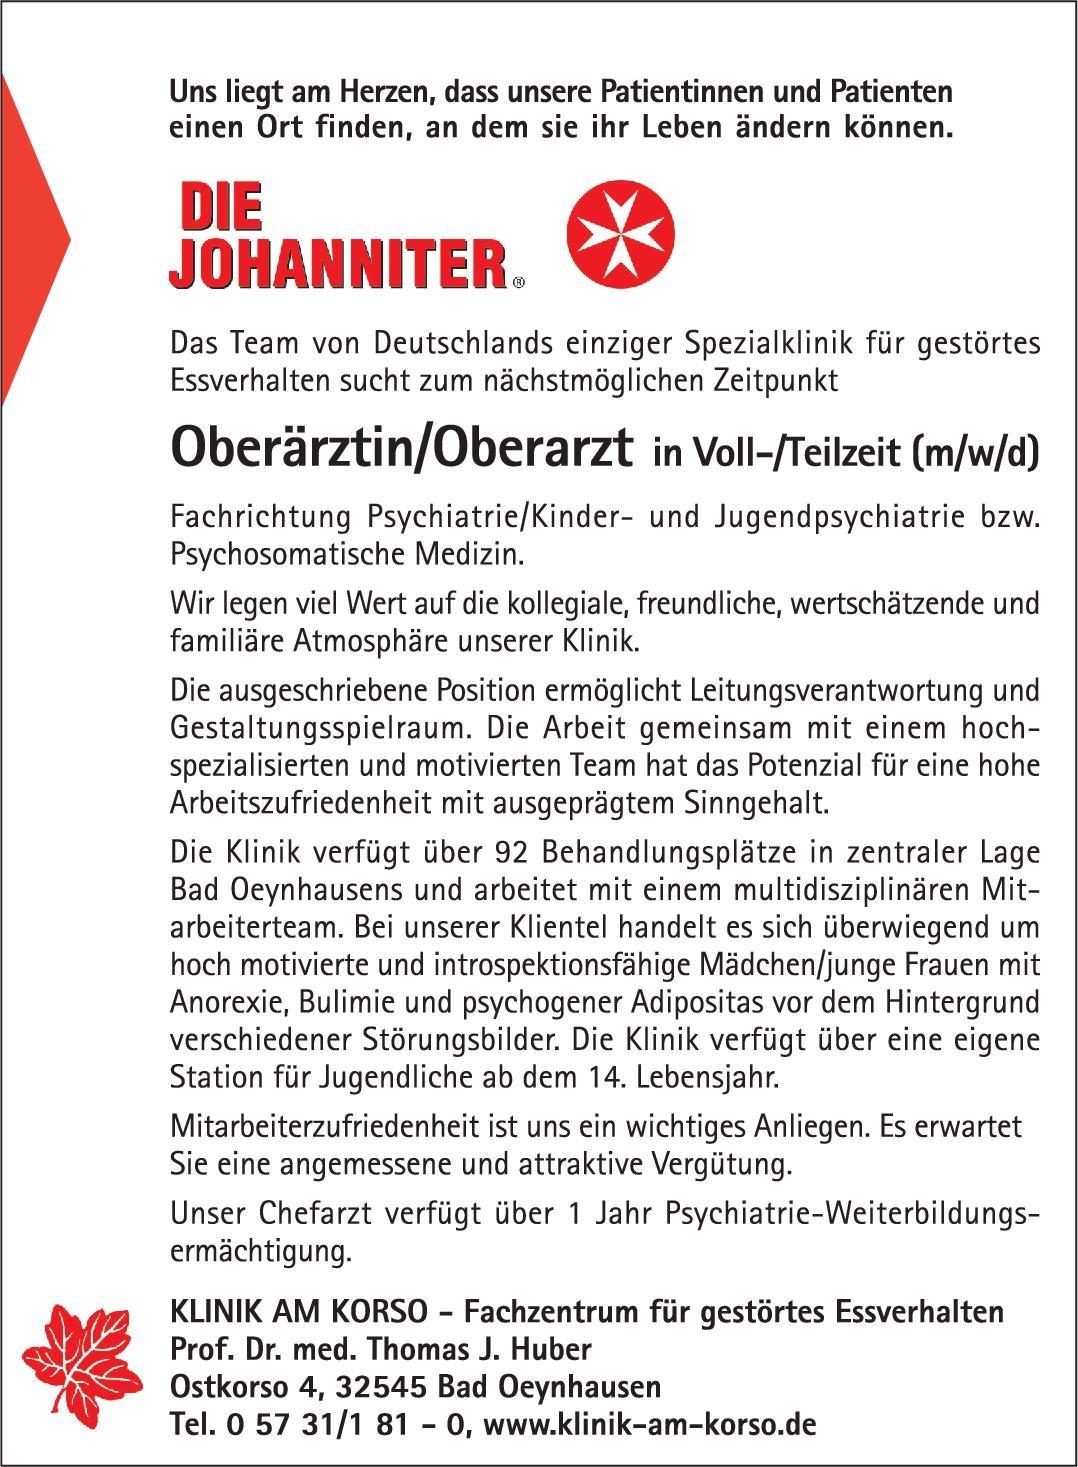 Klinik am Korso Oberärztin/Oberarzt (m/w/d) Kinder- und Jugendpsychiatrie Kinder- und Jugendpsychiatrie und -psychotherapie Oberarzt